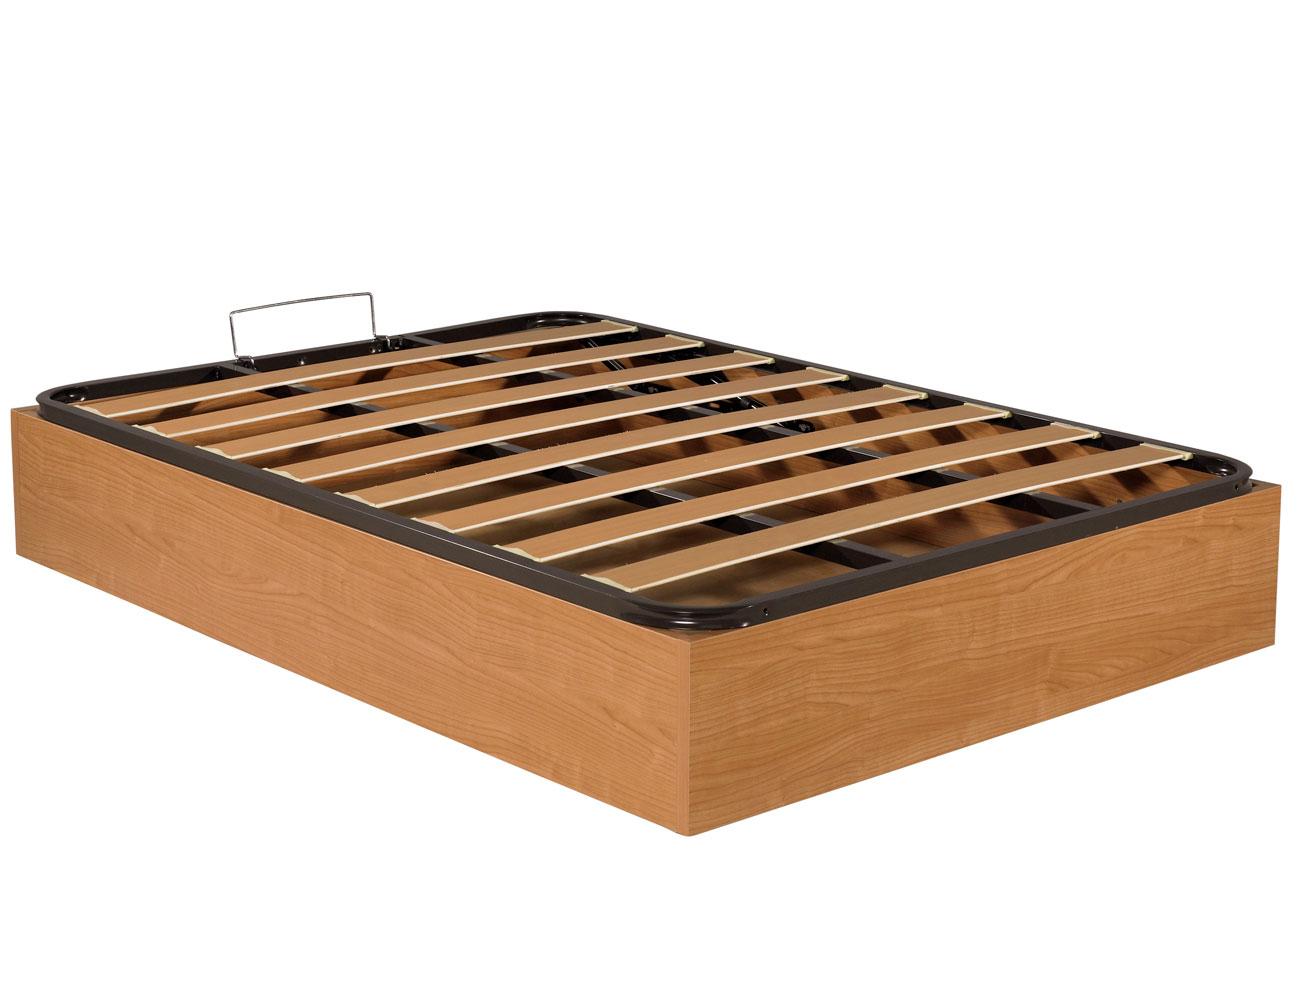 Canape madera somier basic nogal cerrado3